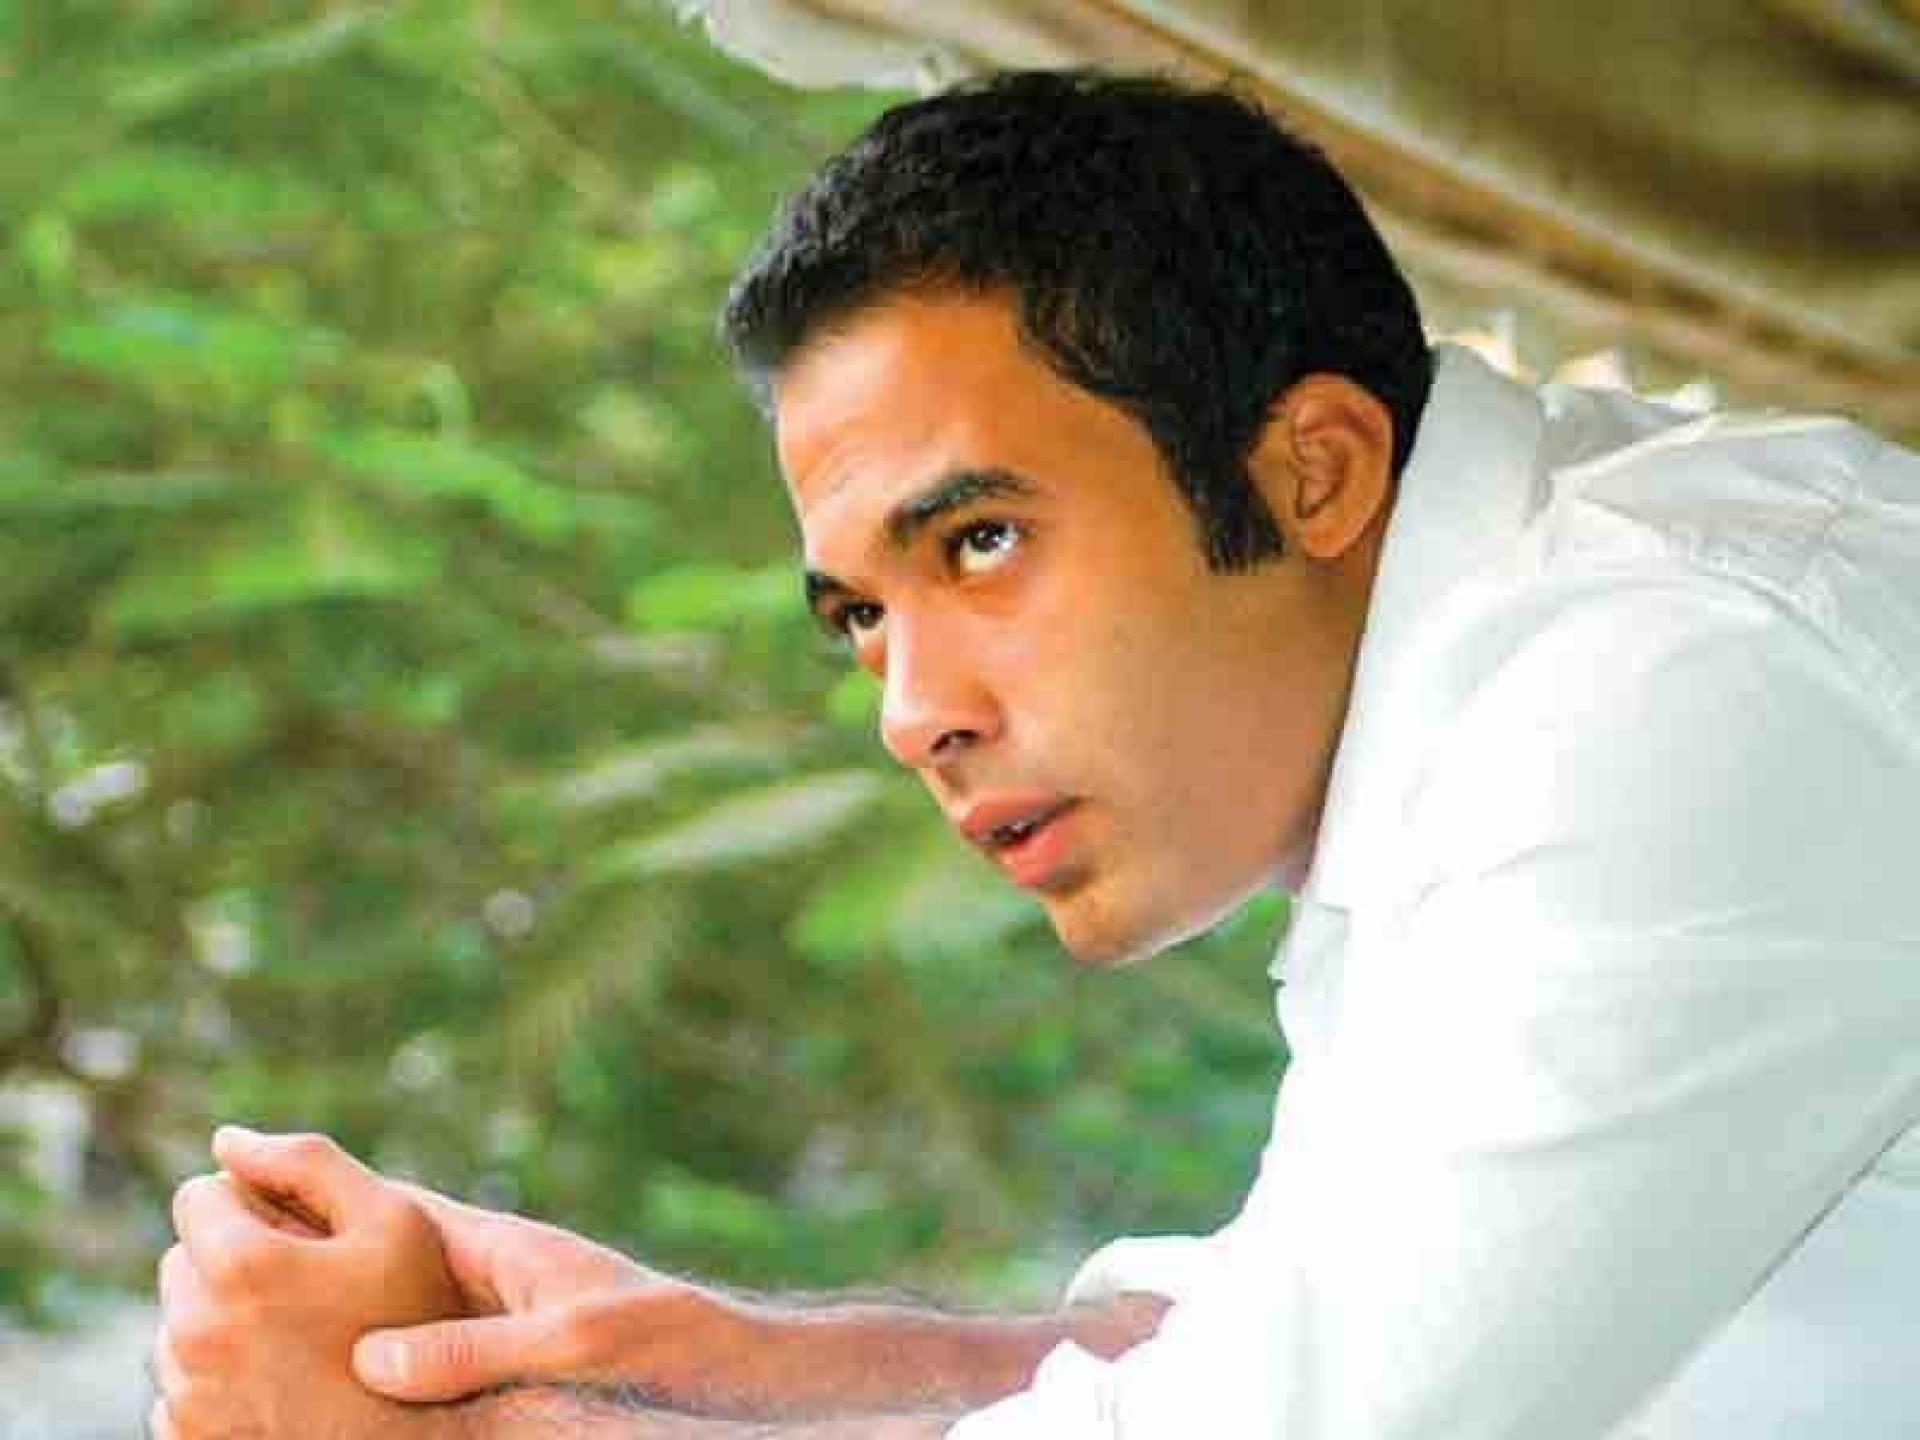 تقارير... مكملات غذائية يرجح أن تكون السبب في وفاة هيثم أحمد زكي